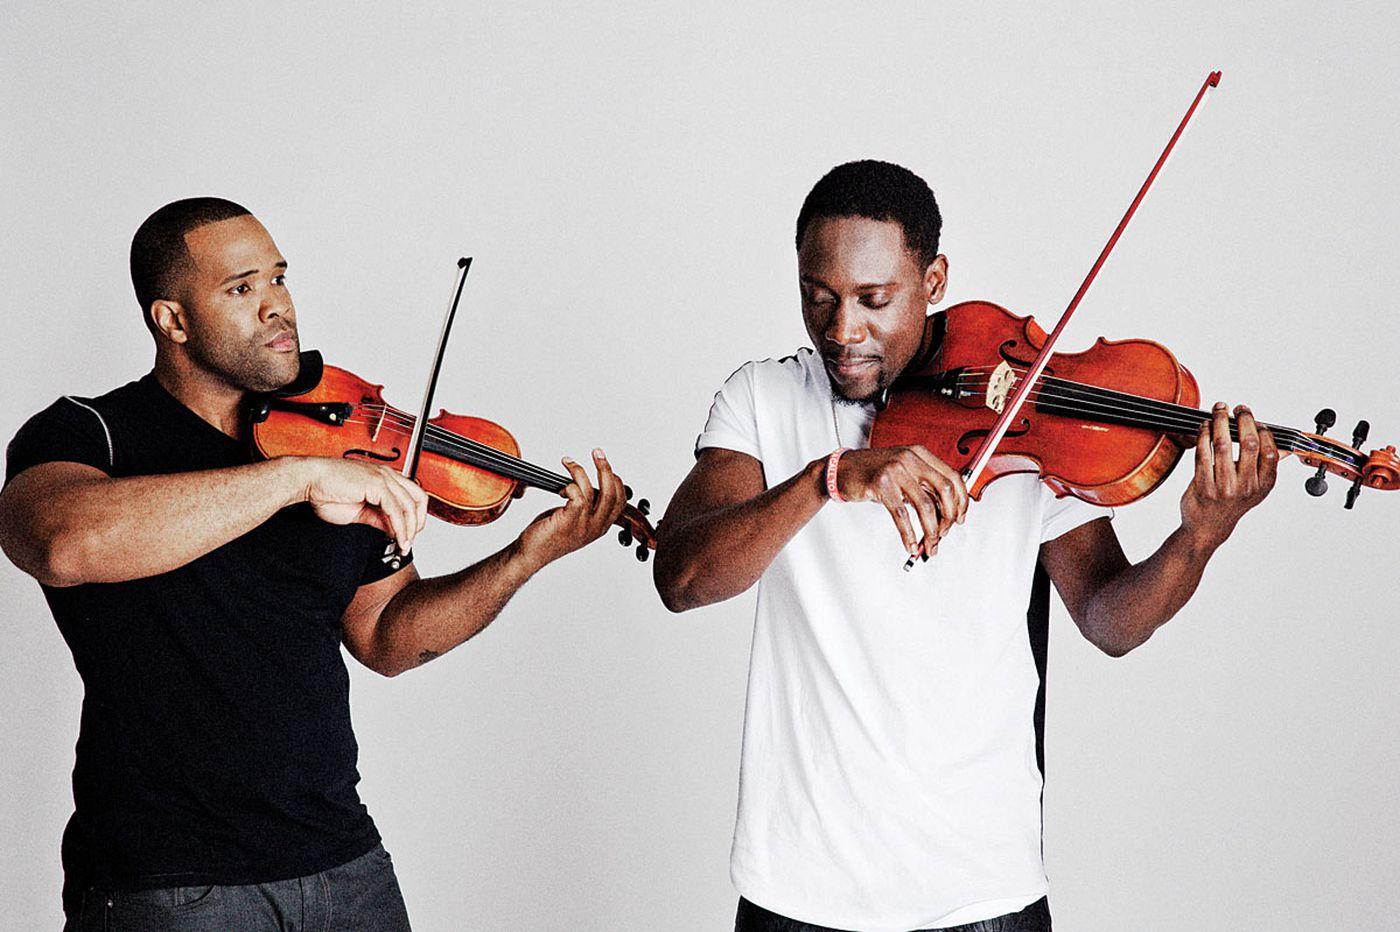 Review: Black Violin brings strings to hip-hop